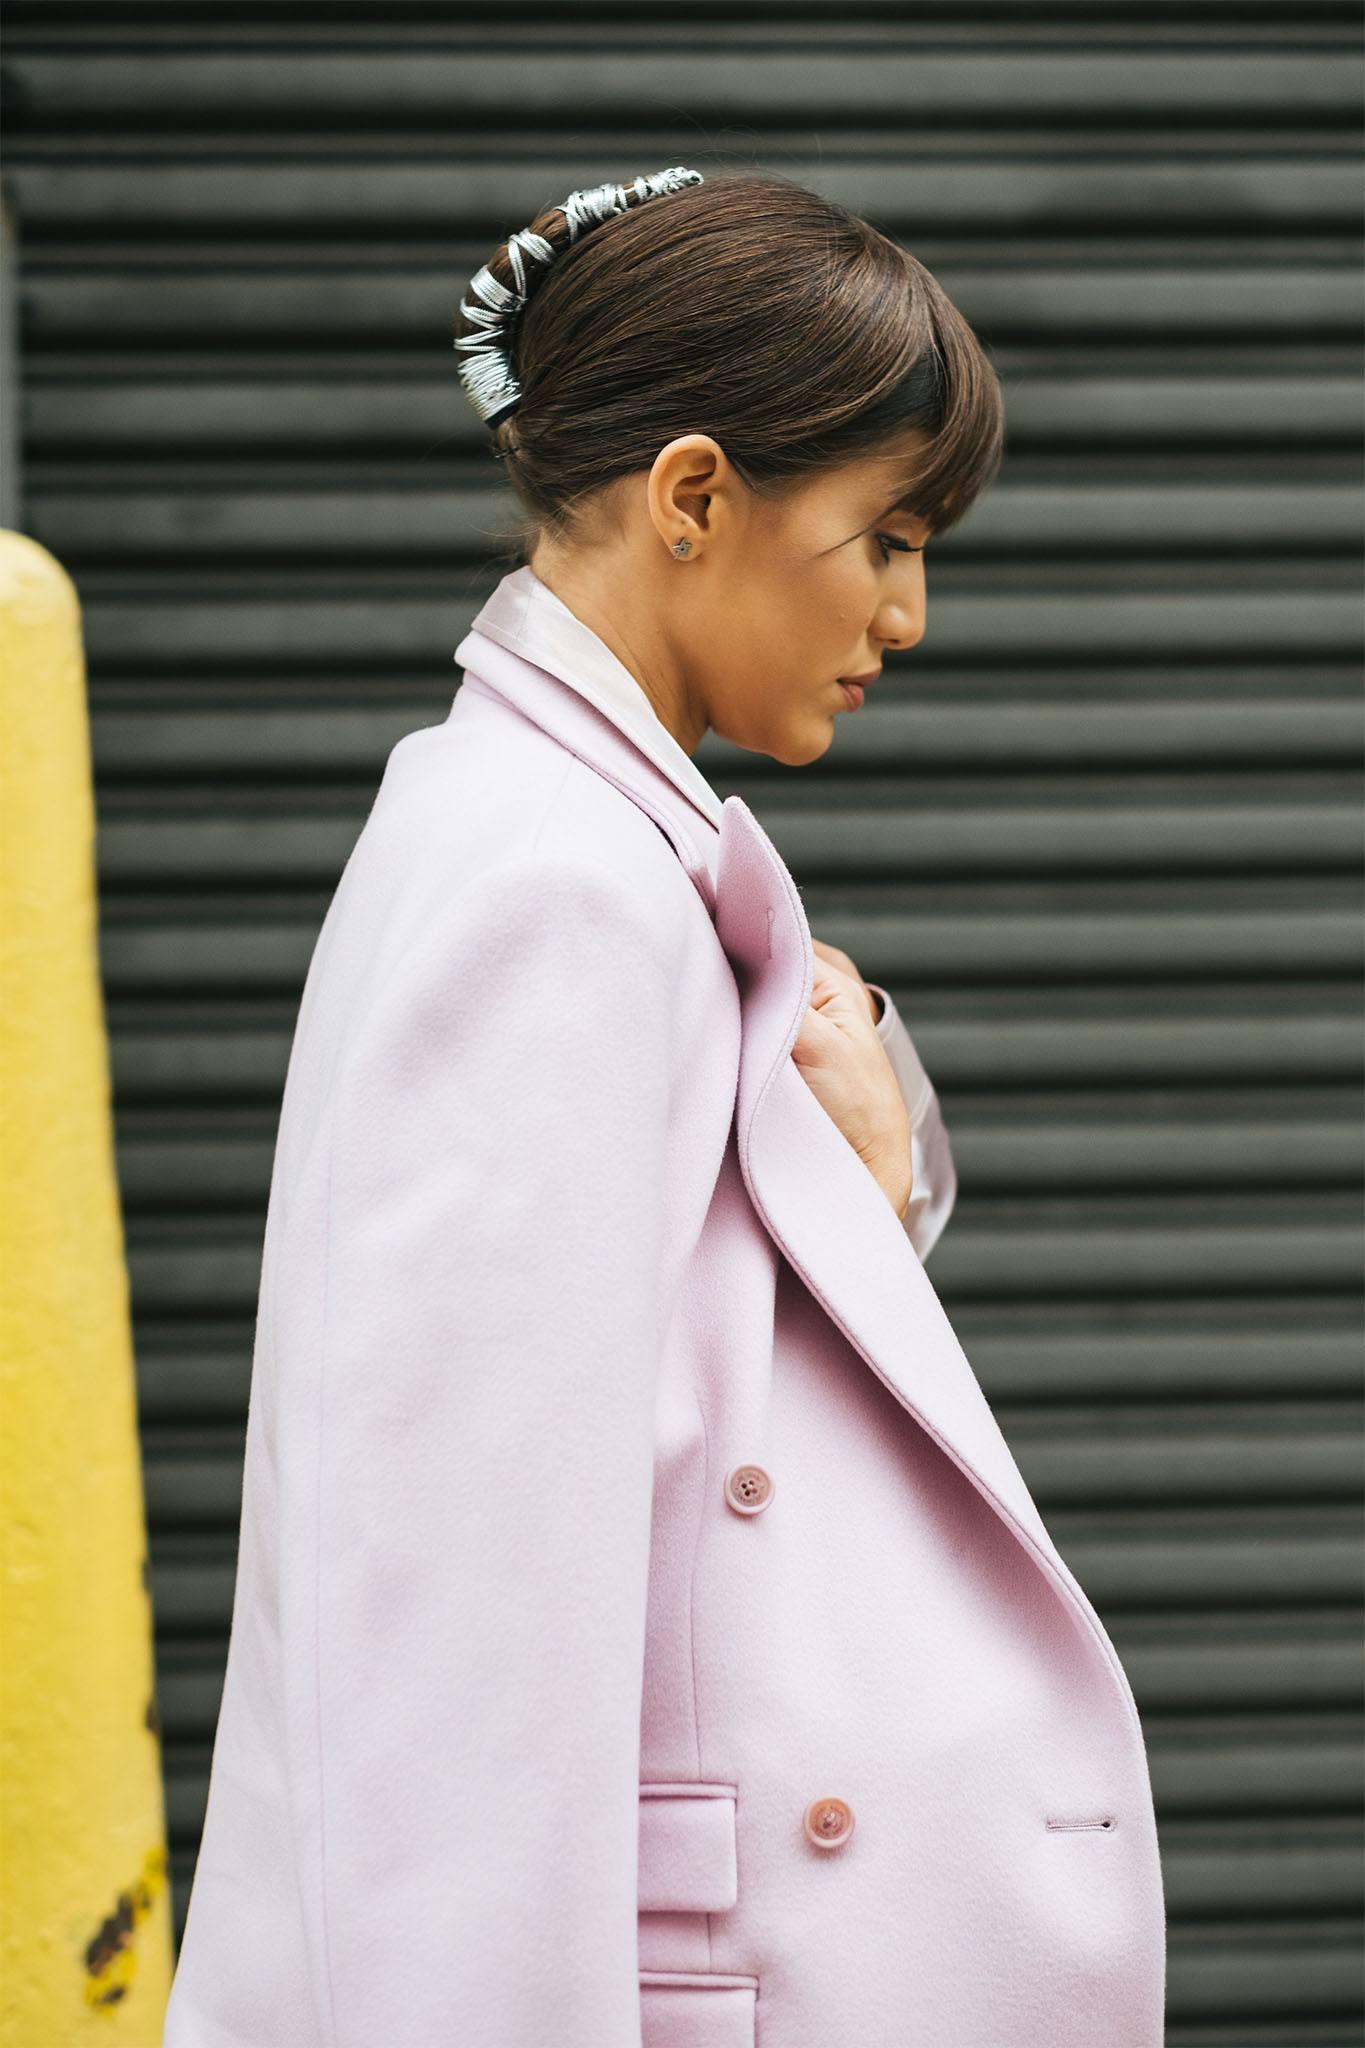 mujer de perfil con peinado recogido con hilos